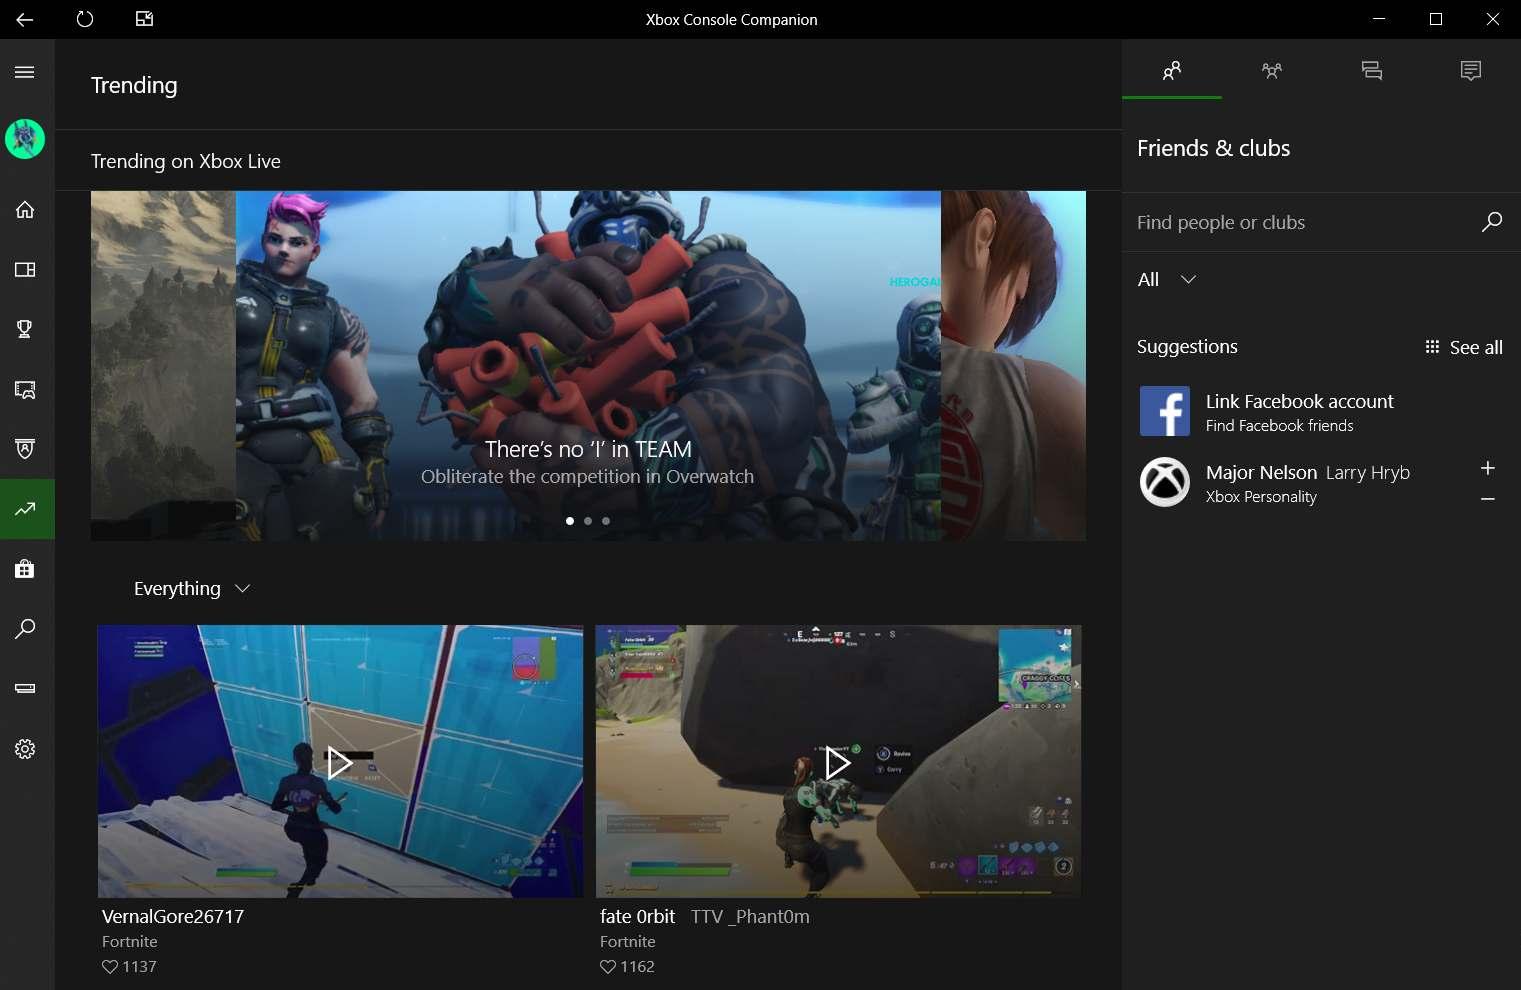 Xbox Console Companion Windows 10